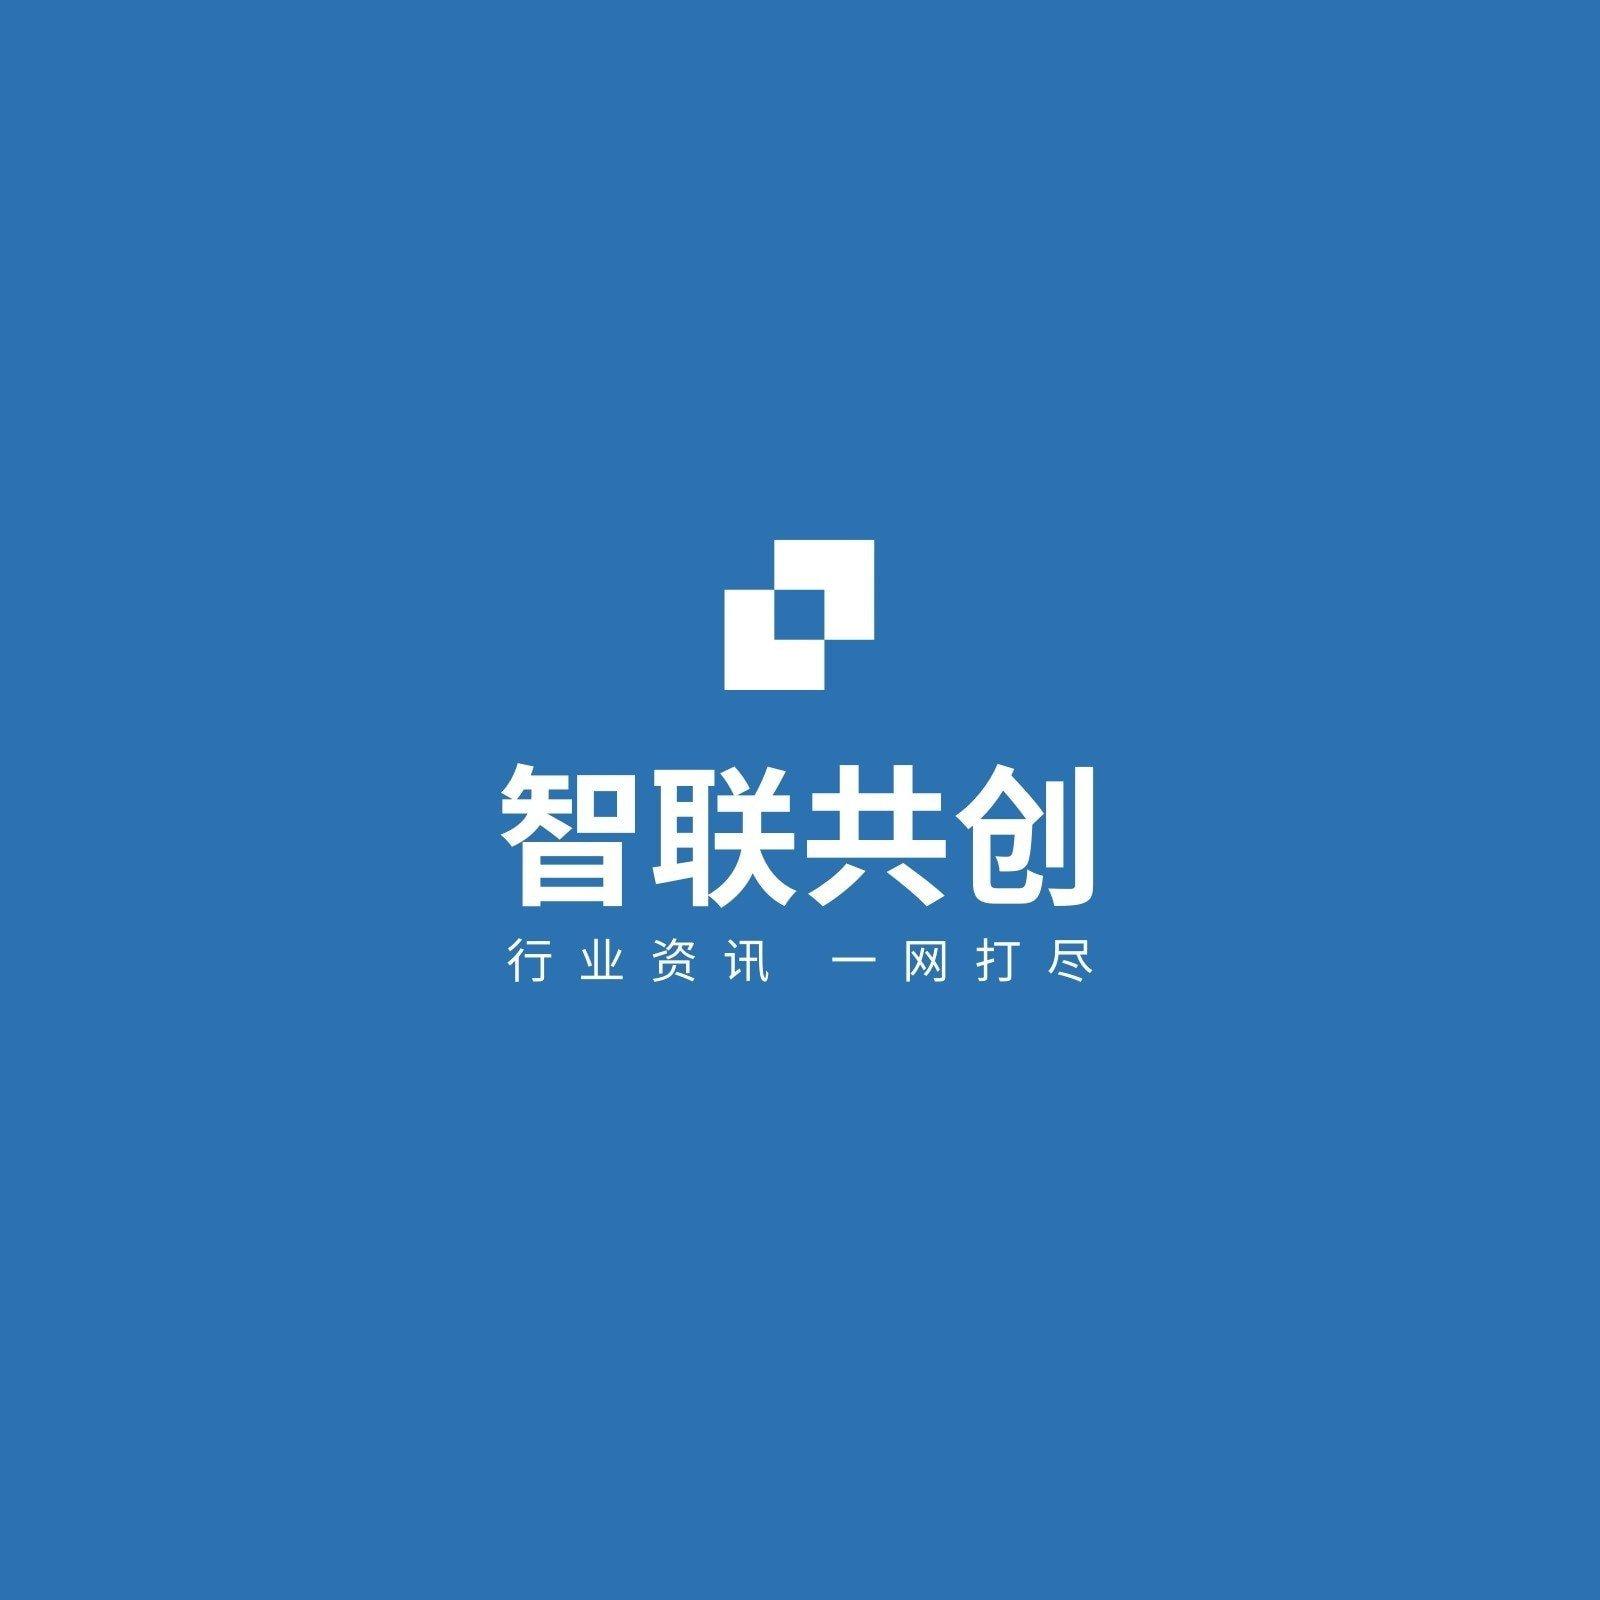 白蓝色正方形拼接咨询公司logo创意中文logo